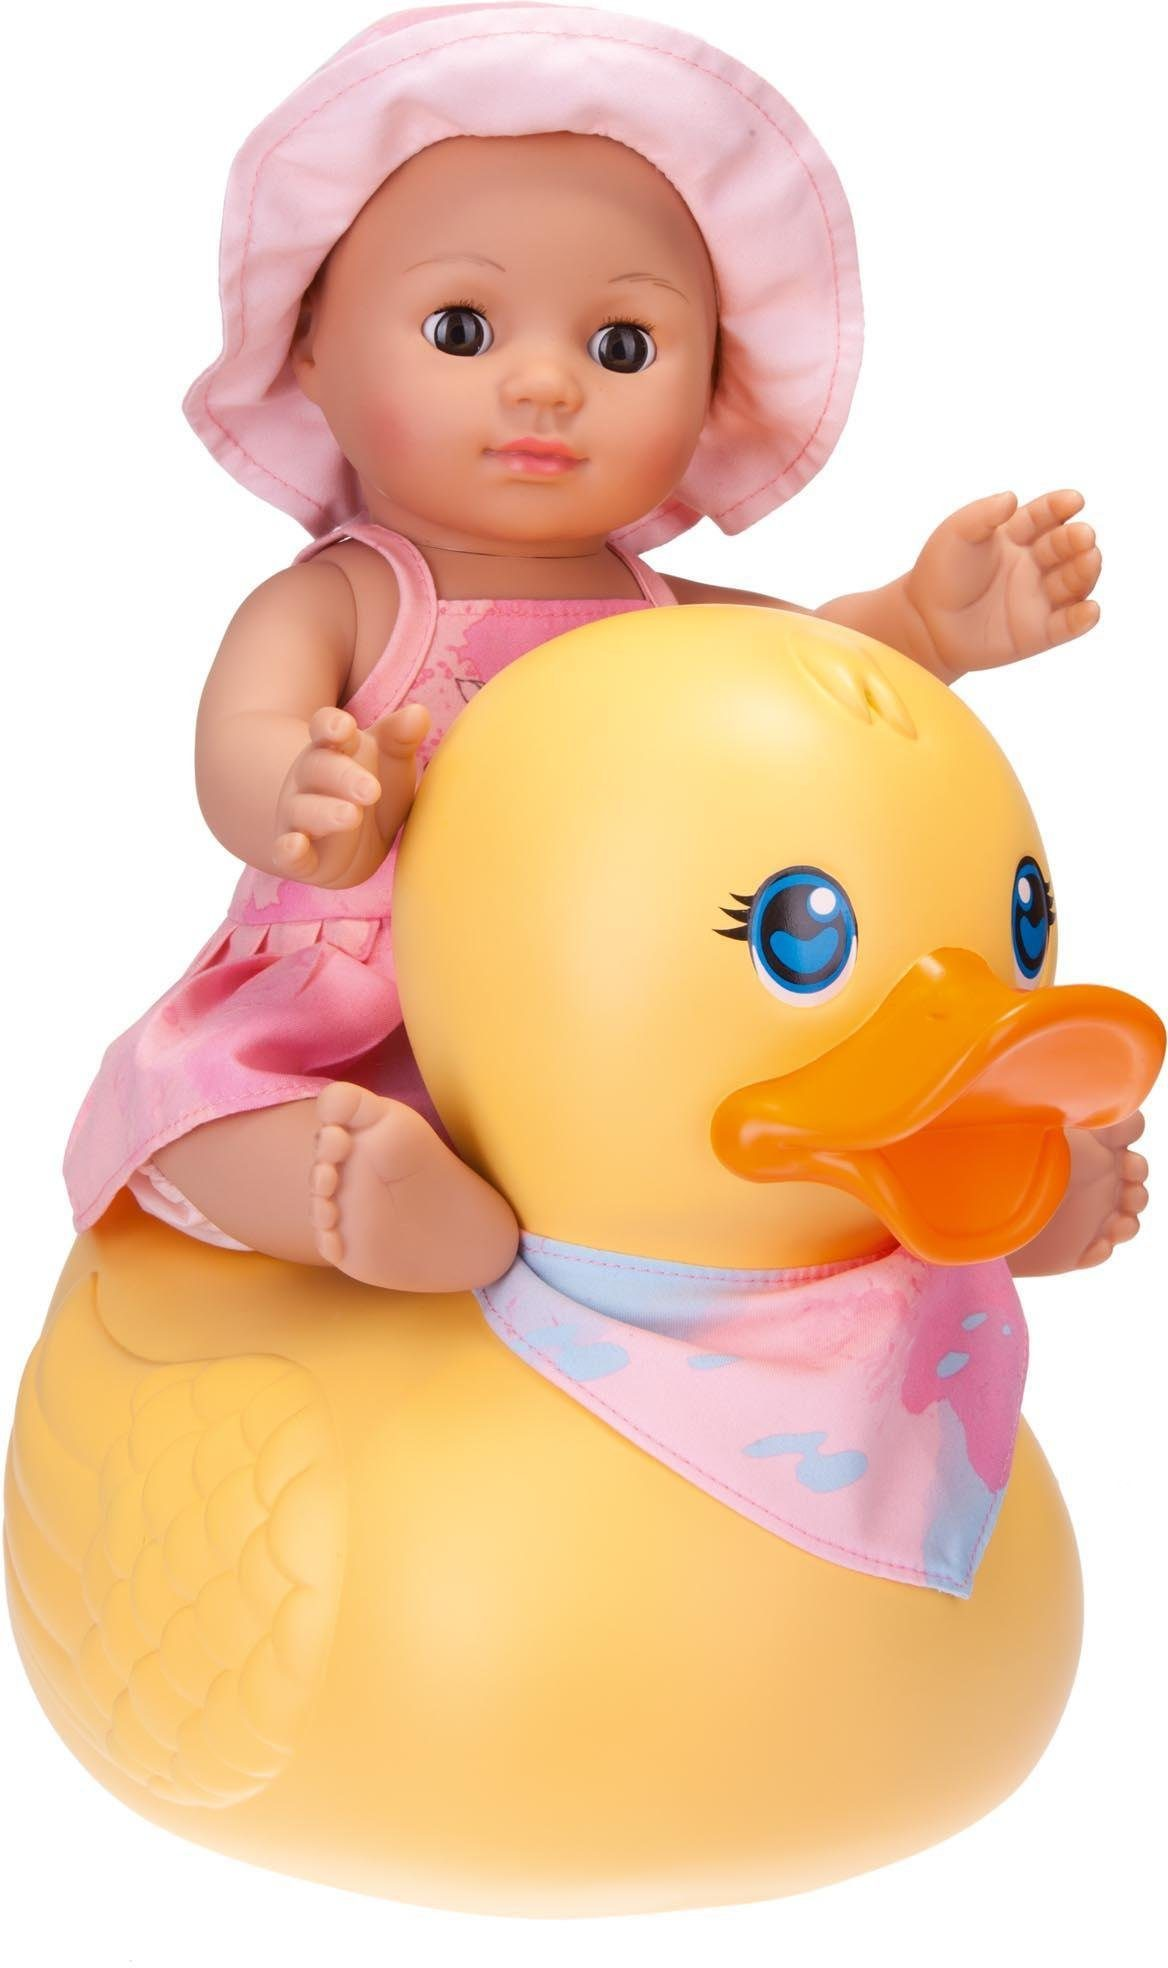 Schildkröt Badepuppe mit Schwimmente, »Kids Badepuppe Girl mit Schwimmente«